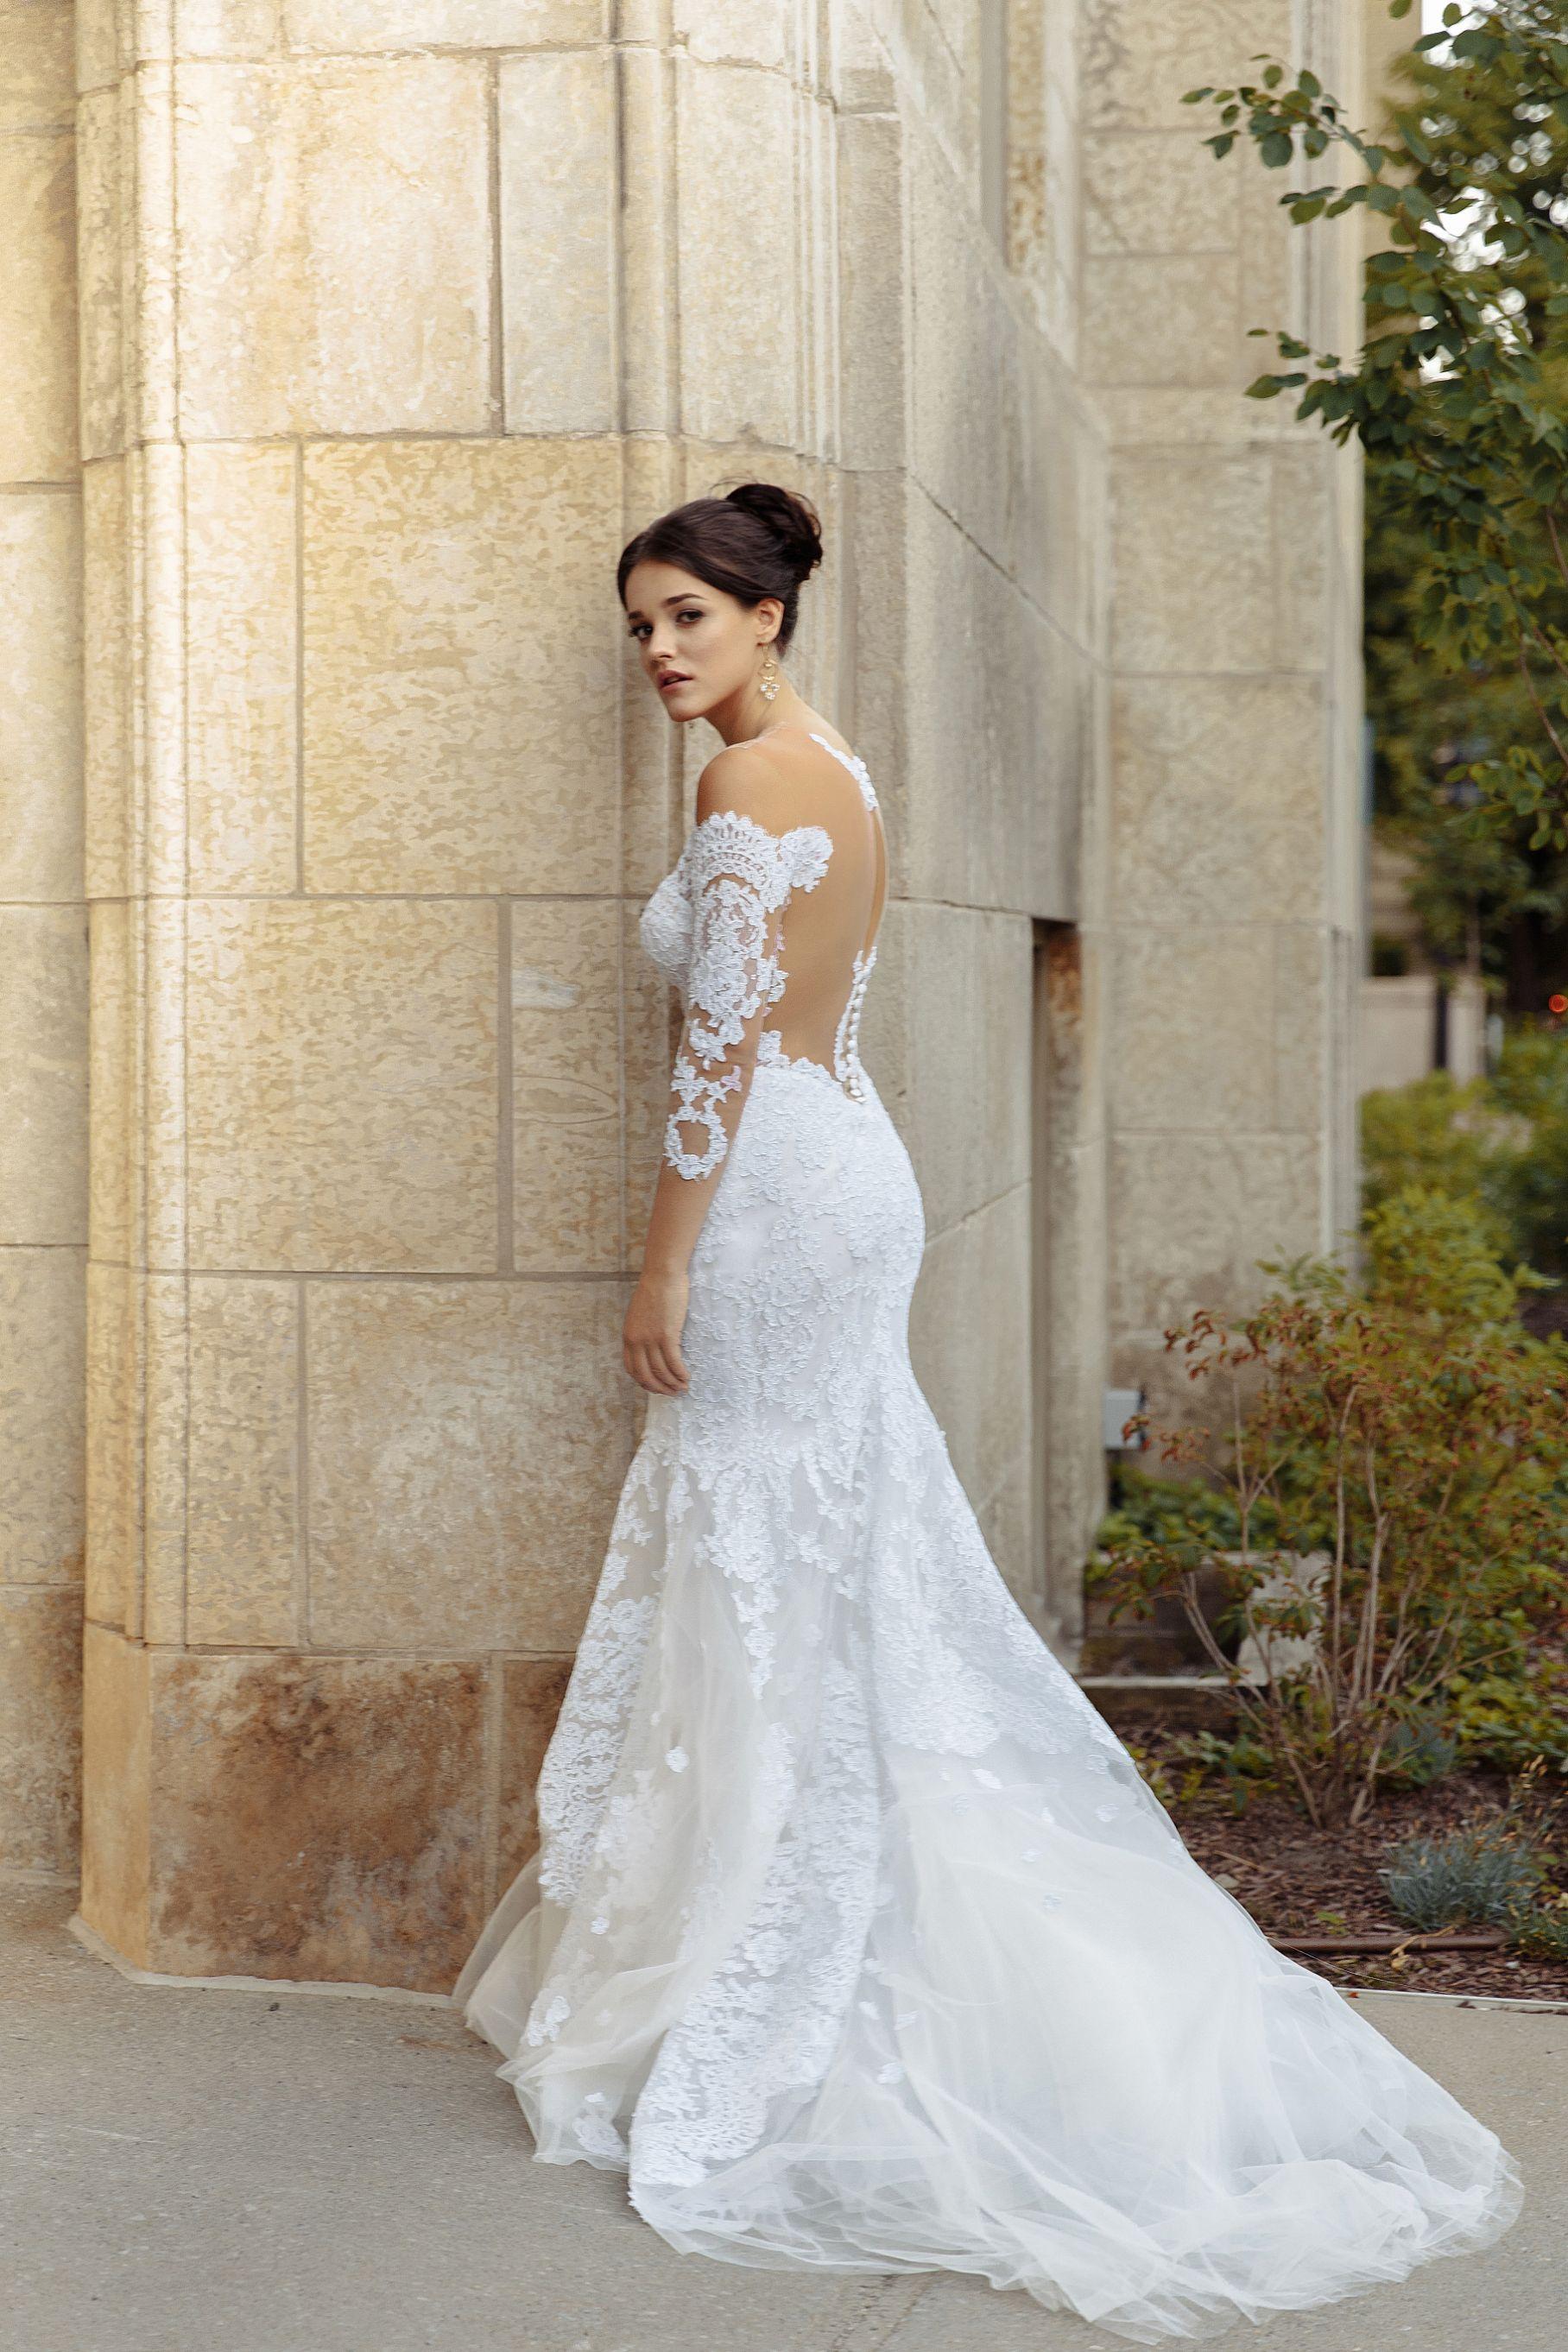 lilia haute couture designer de robes de mariee montreal dentelle francaise